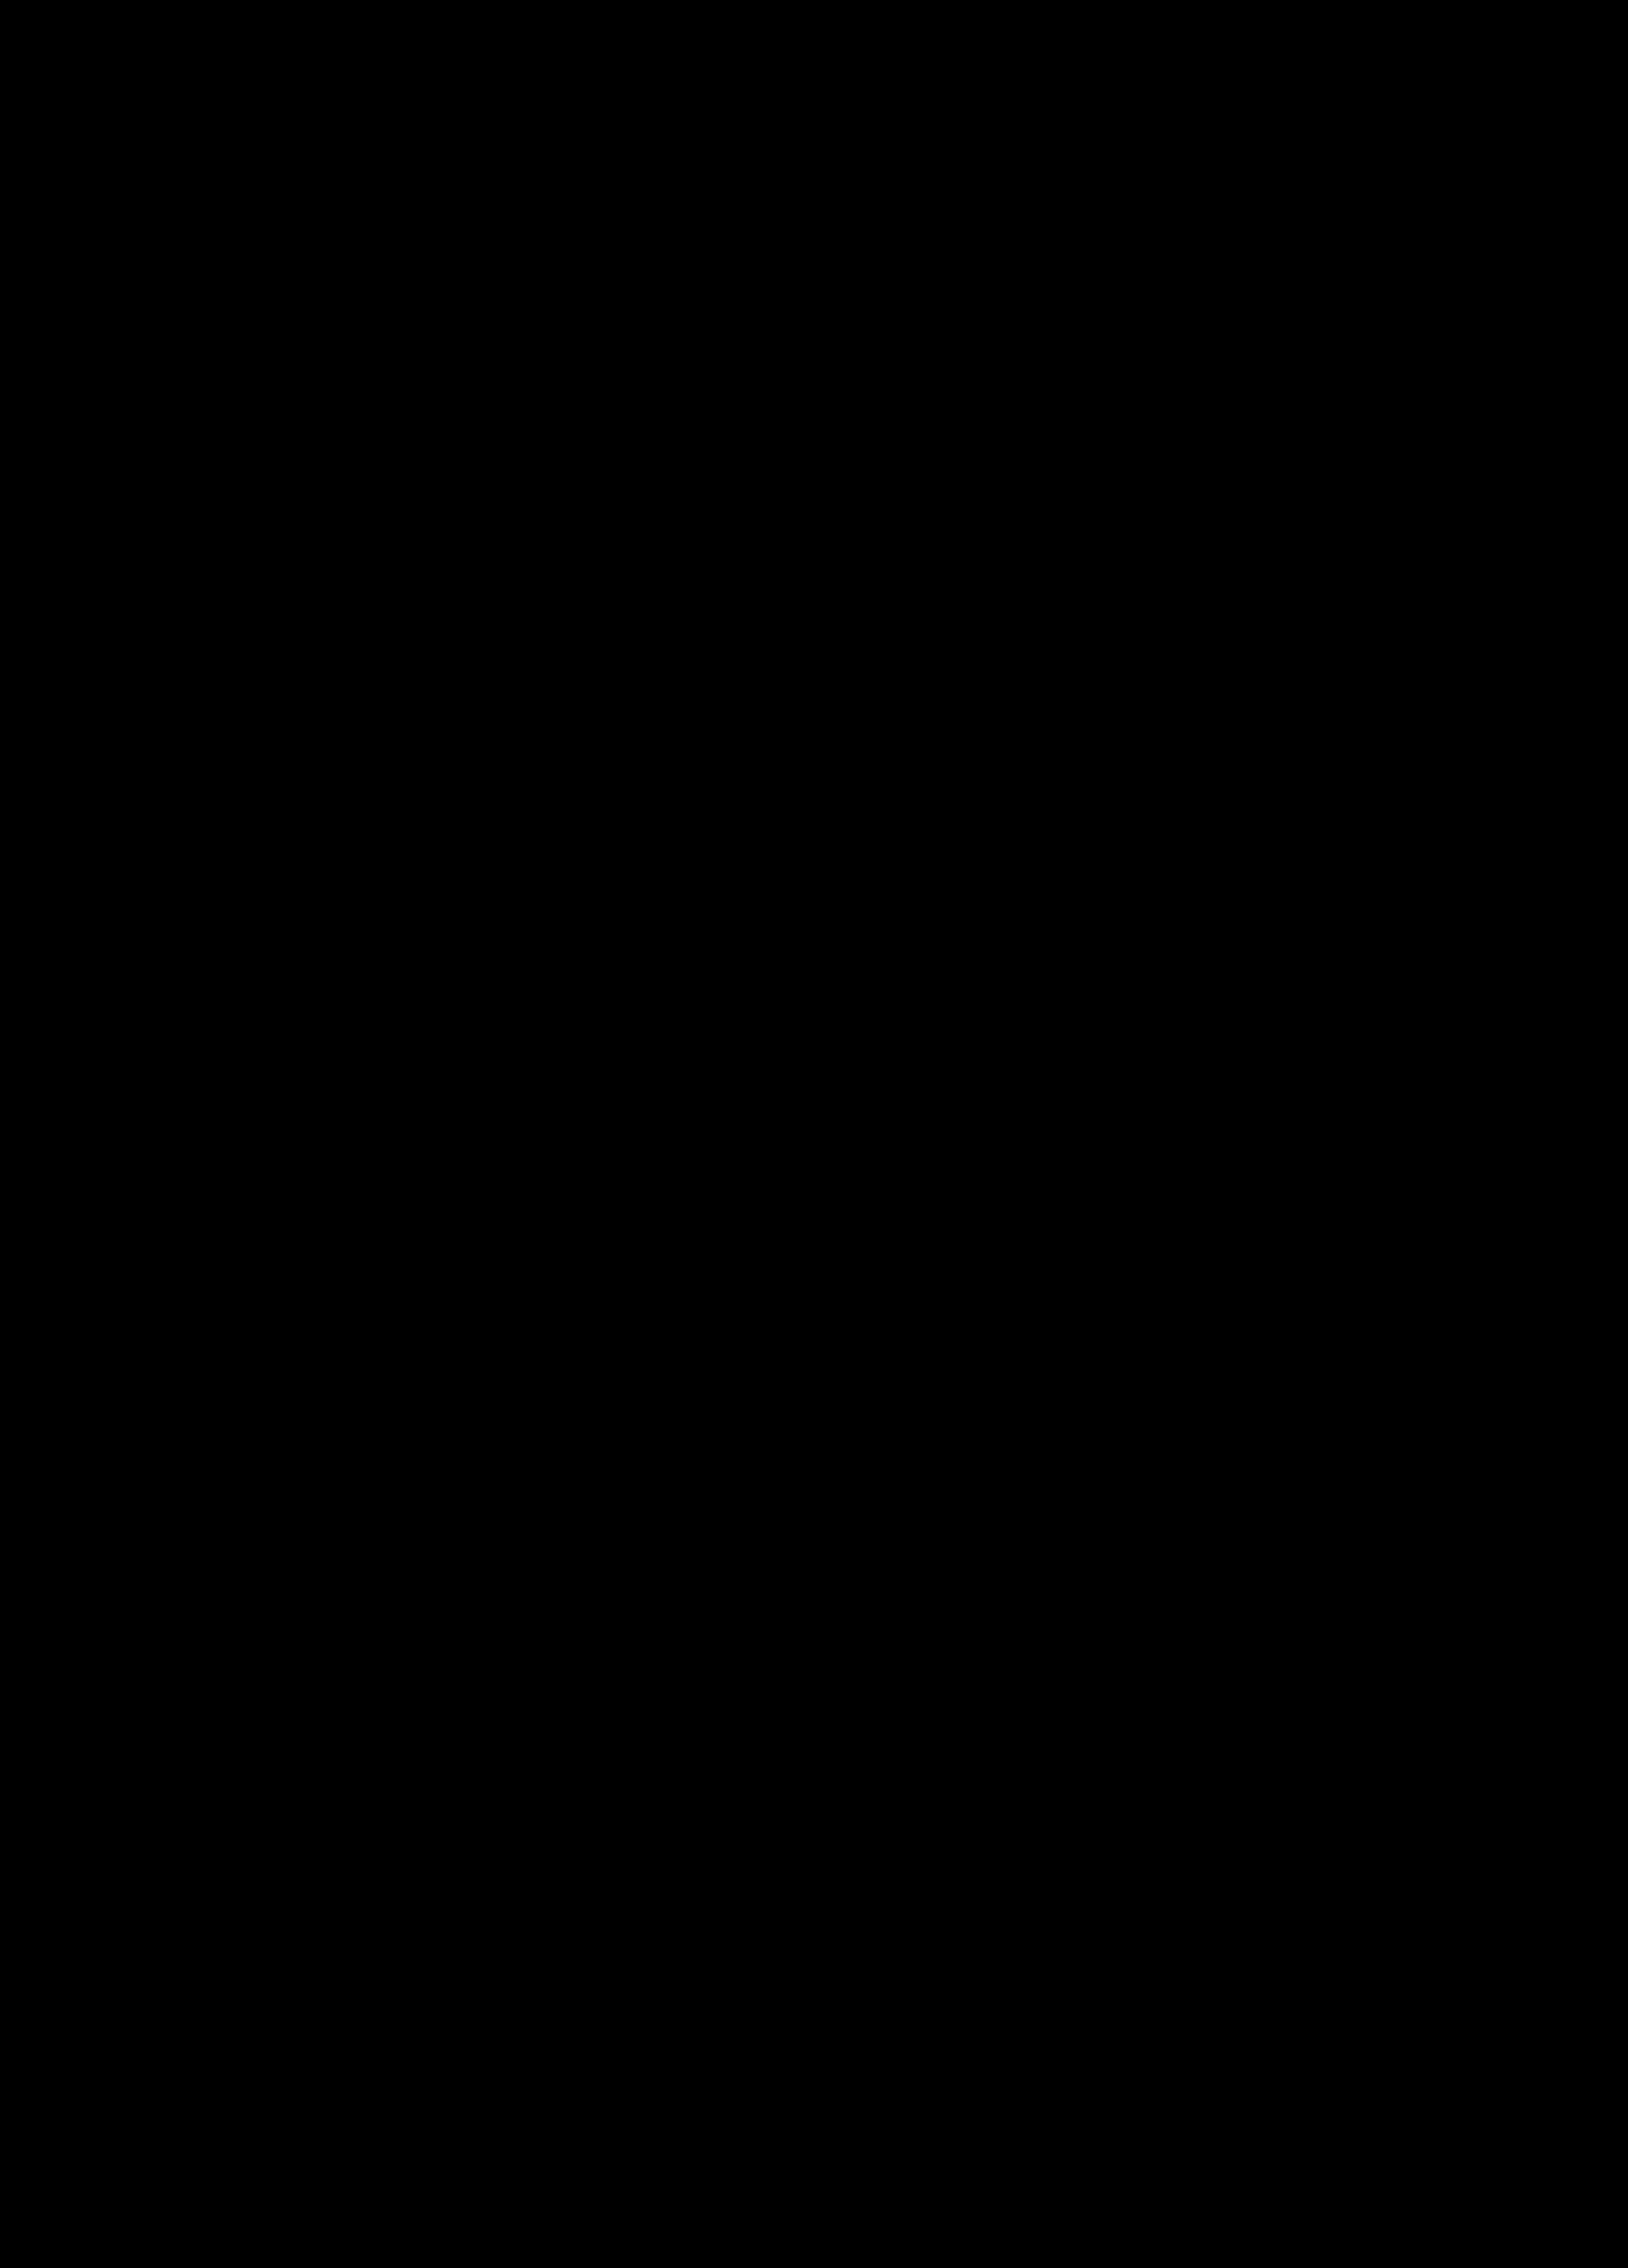 Vebidak verklaring lidmaatschap